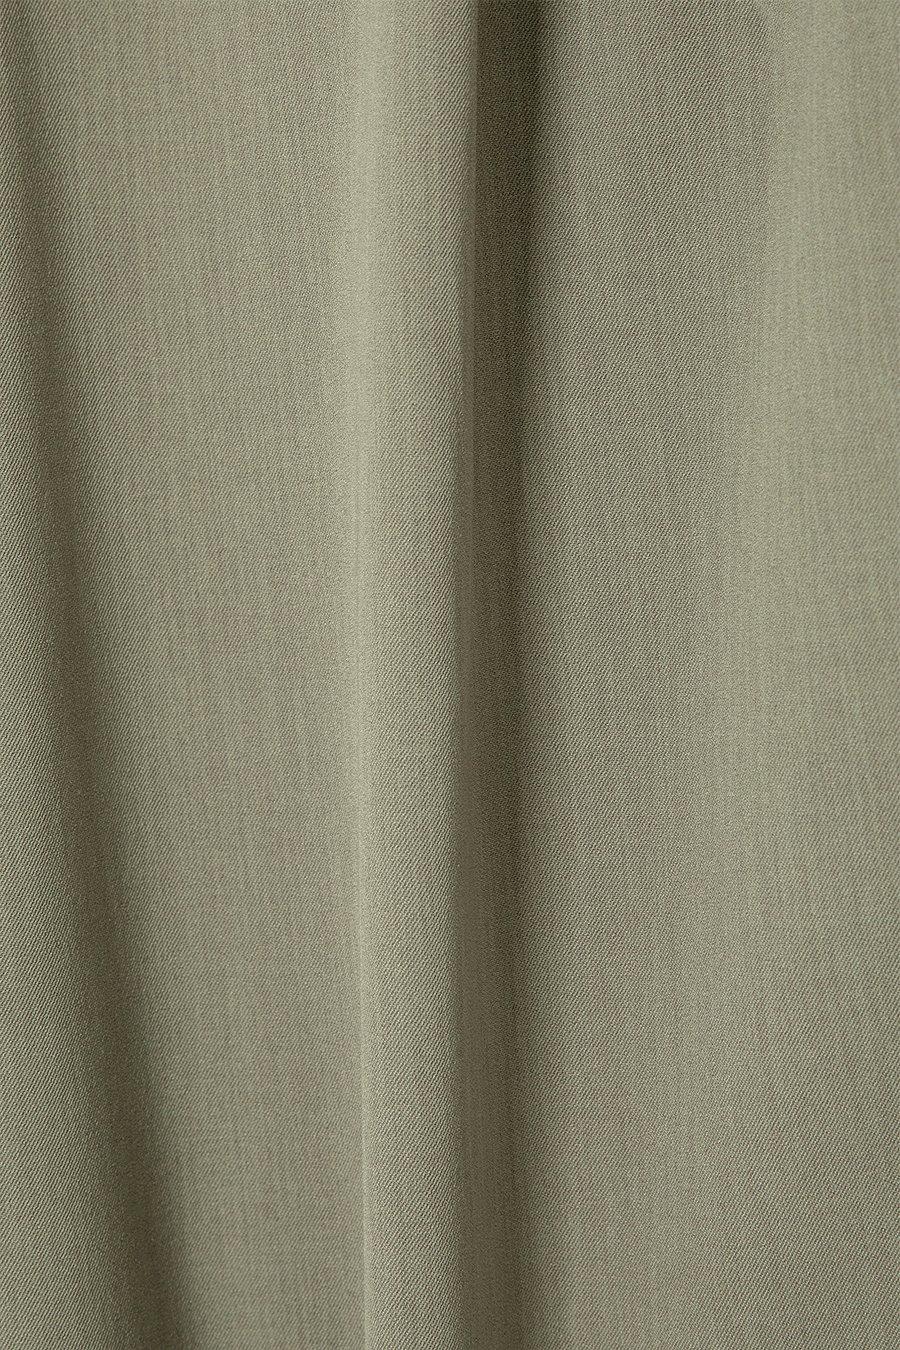 인사일런스 우먼(INSILENCE WOMEN) 버뮤다 와이드 쇼츠 OLIVE